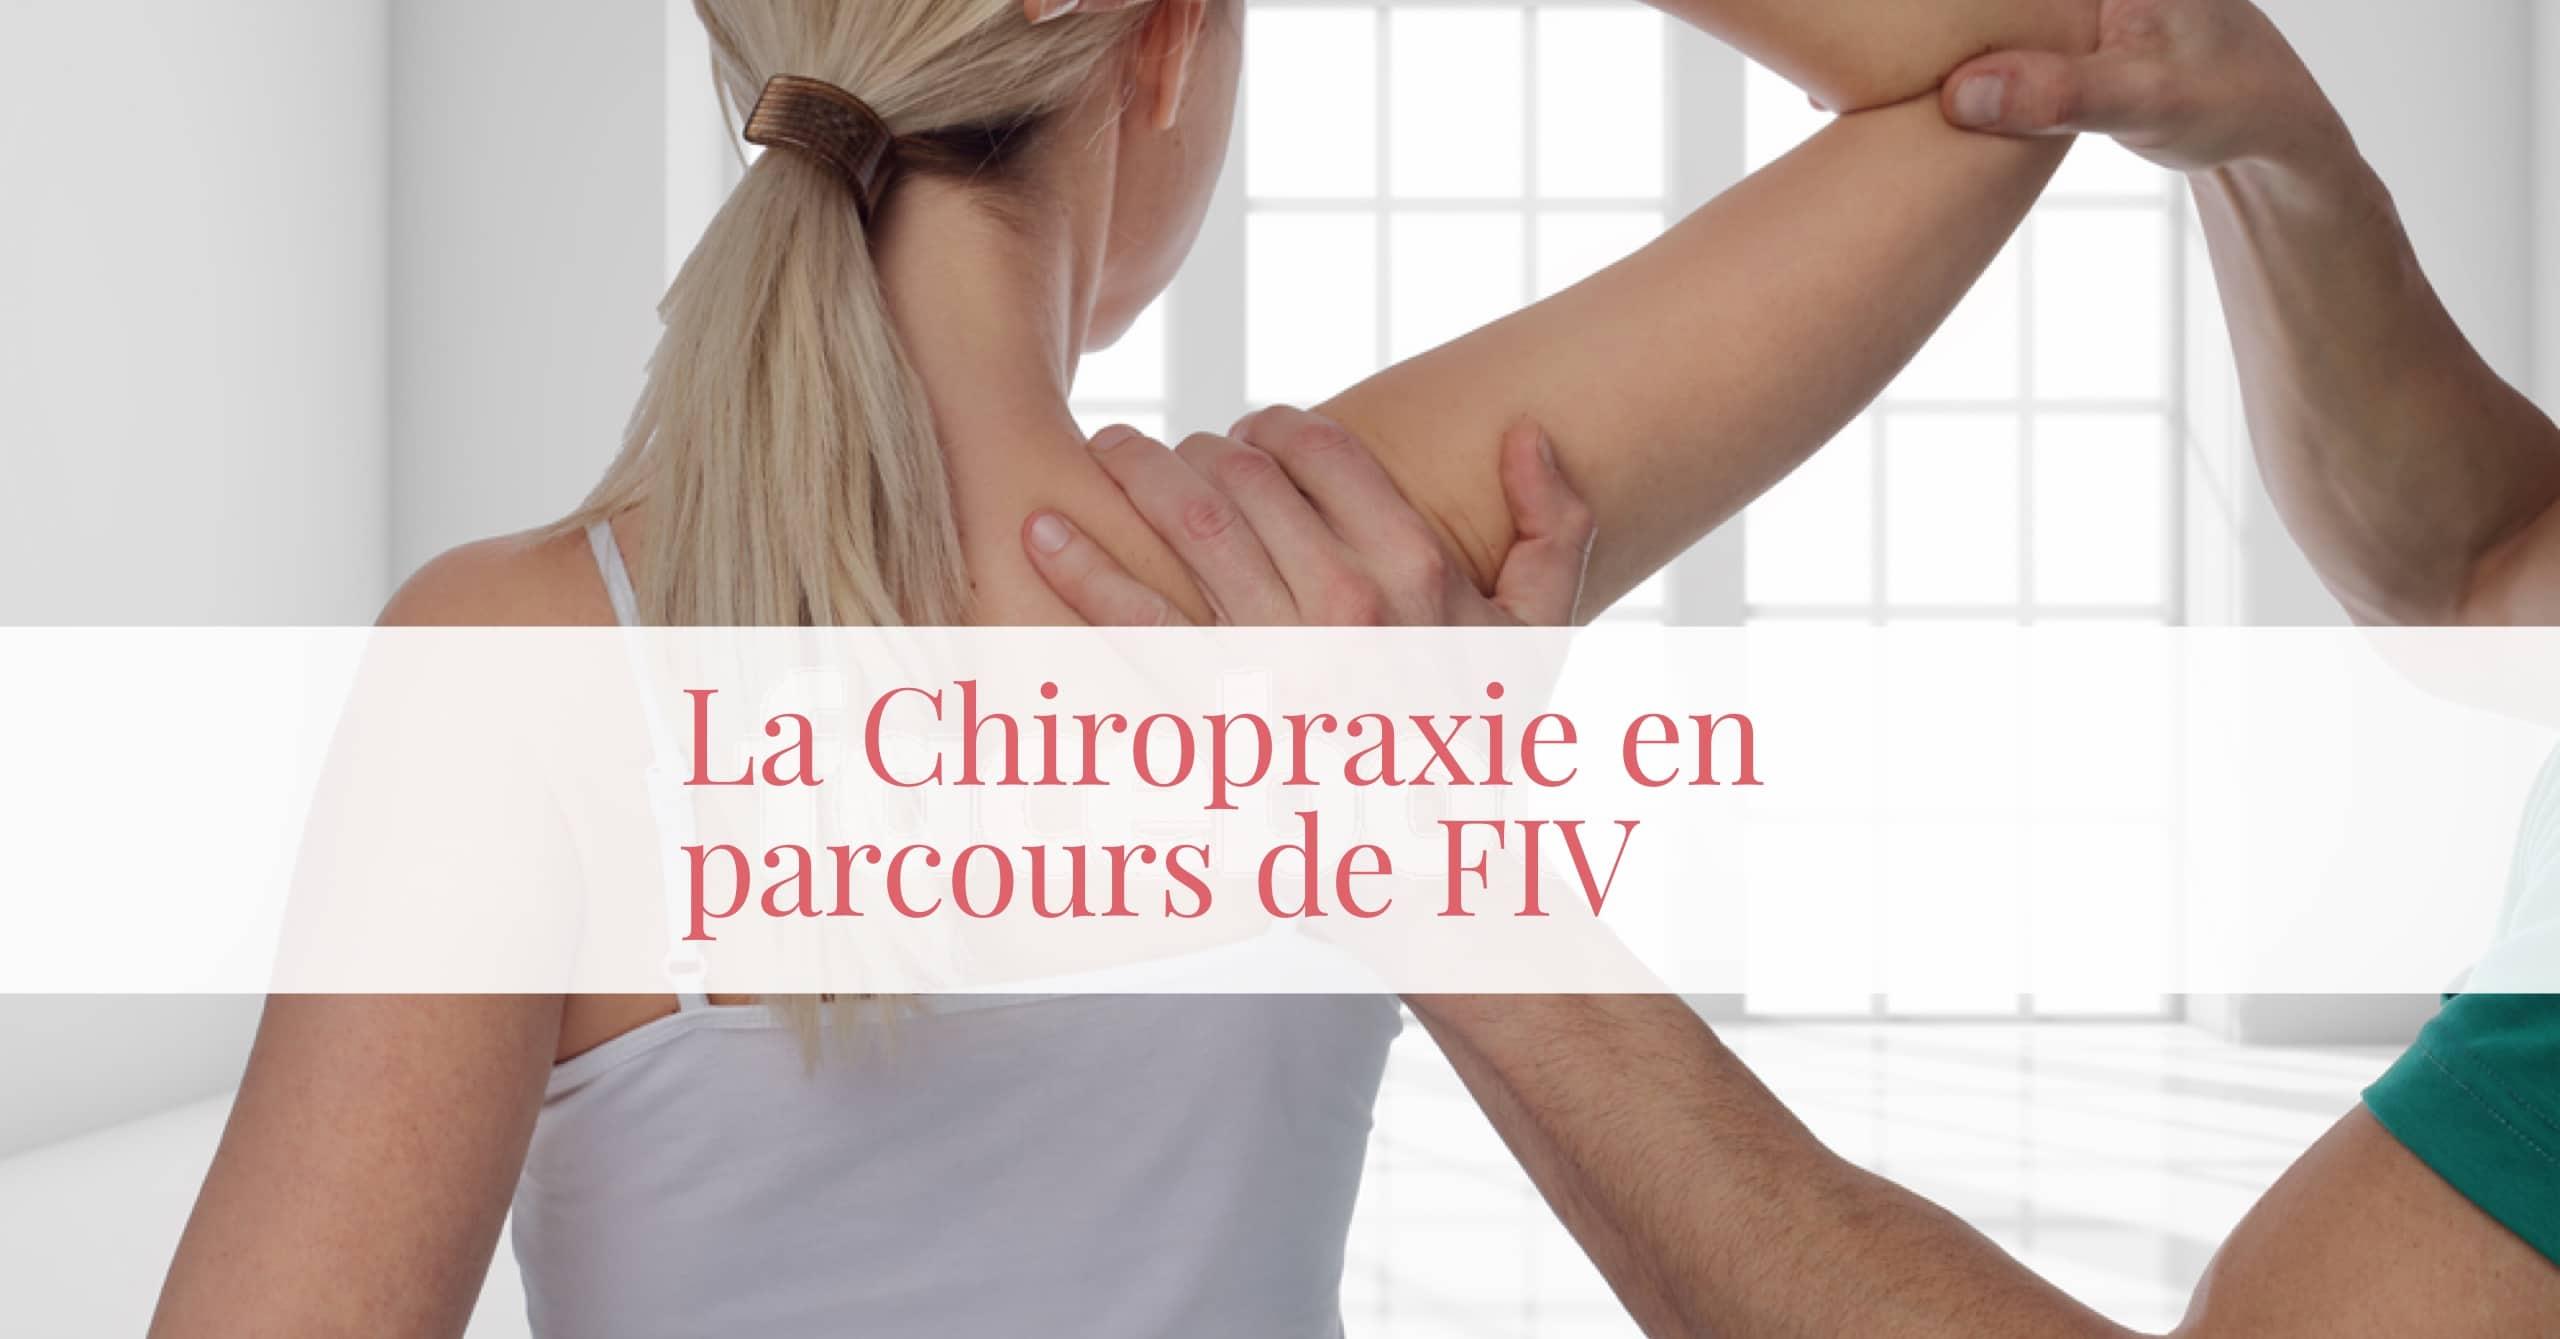 La chiropraxie en parcours de FIV • Fiv.fr